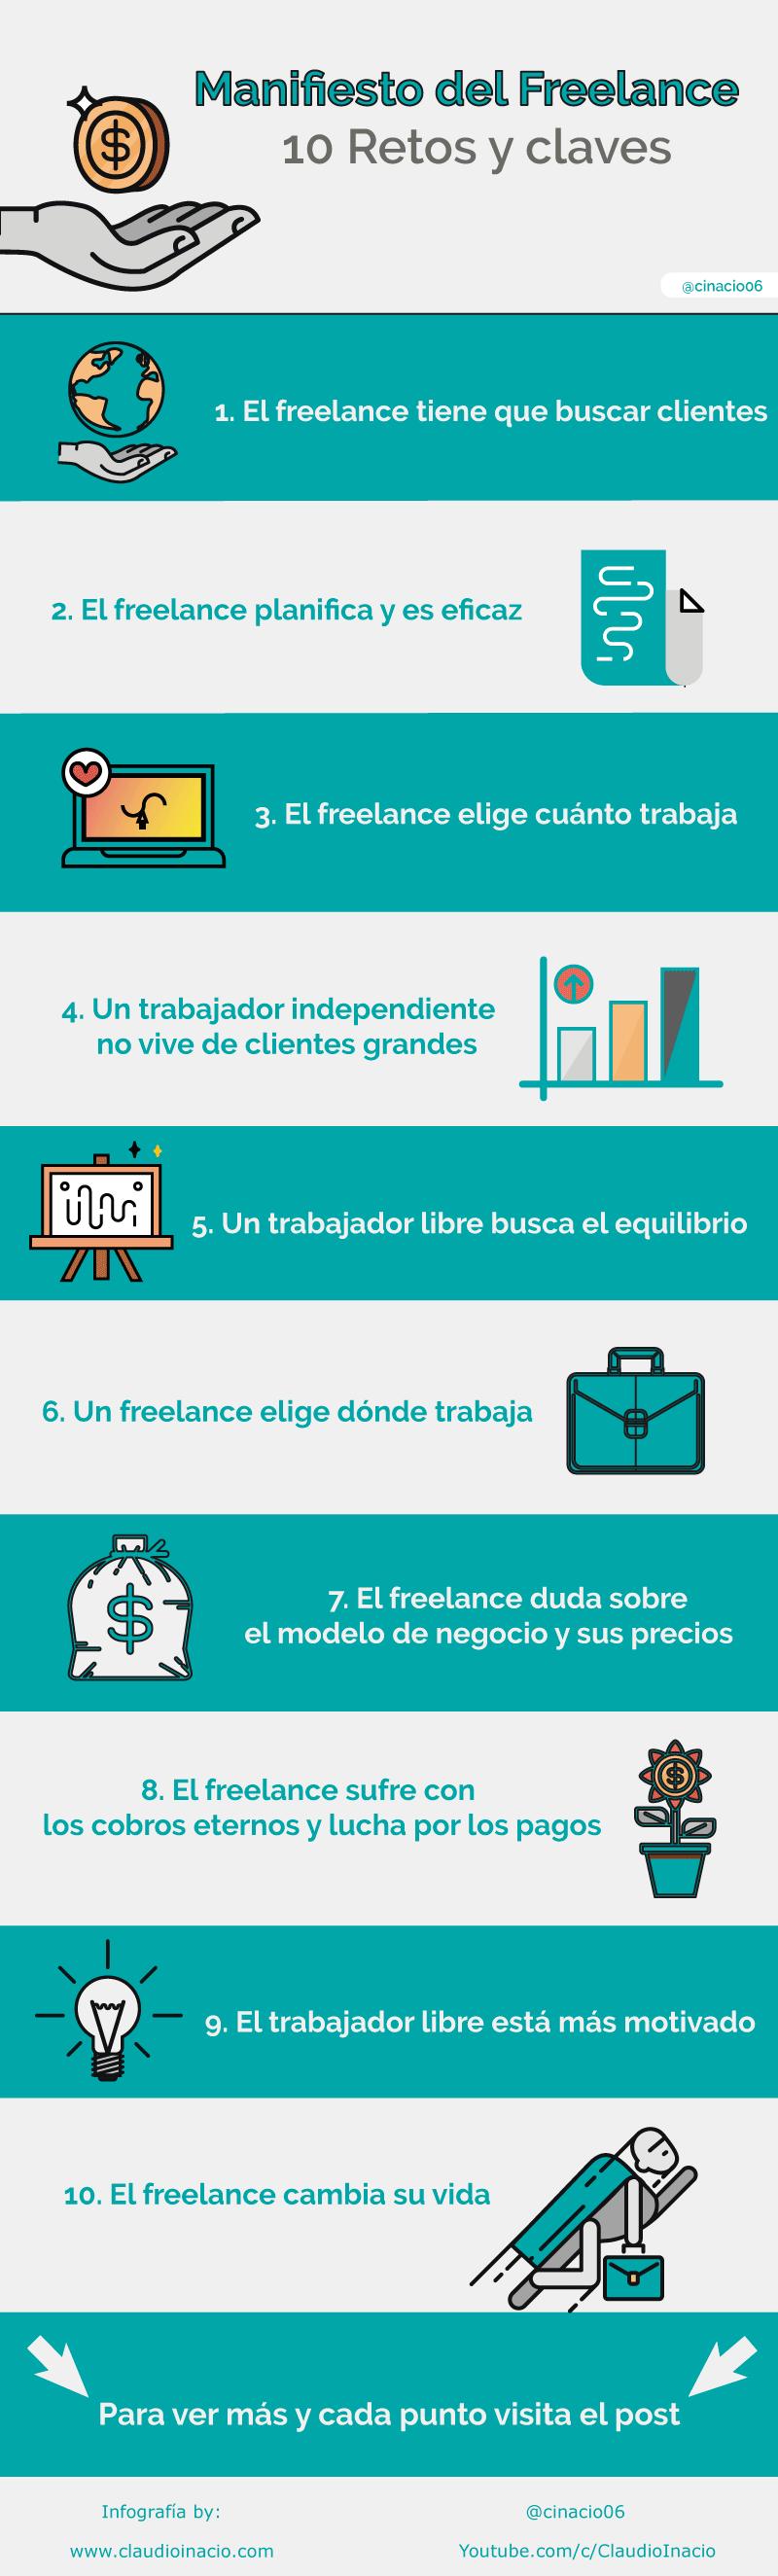 infografia del manifiesto del freelance